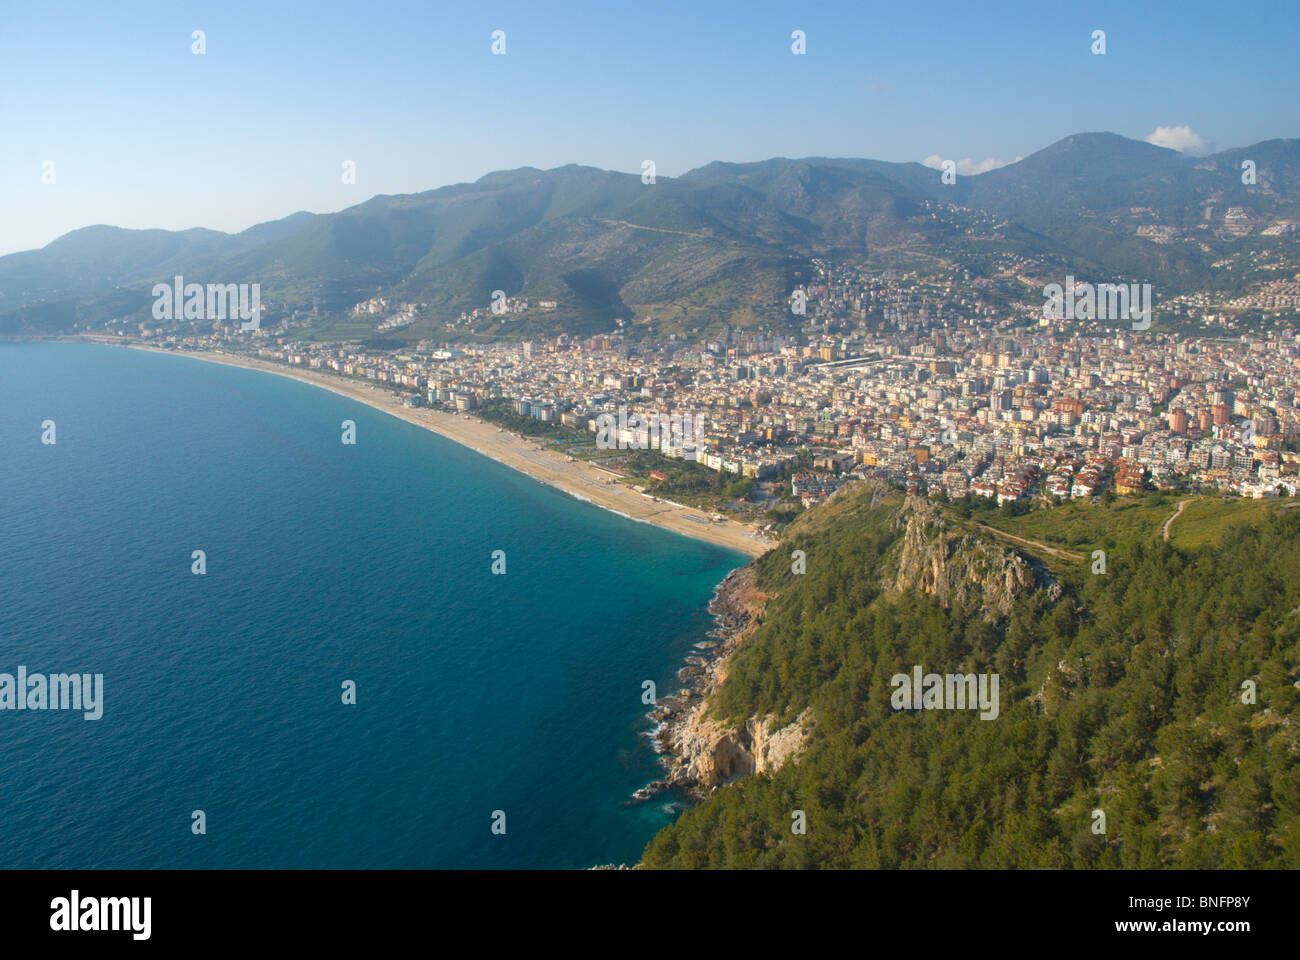 View from Kale the fortress Alanya Mediterranian coast Anatolia region Turkey Asia - Stock Image